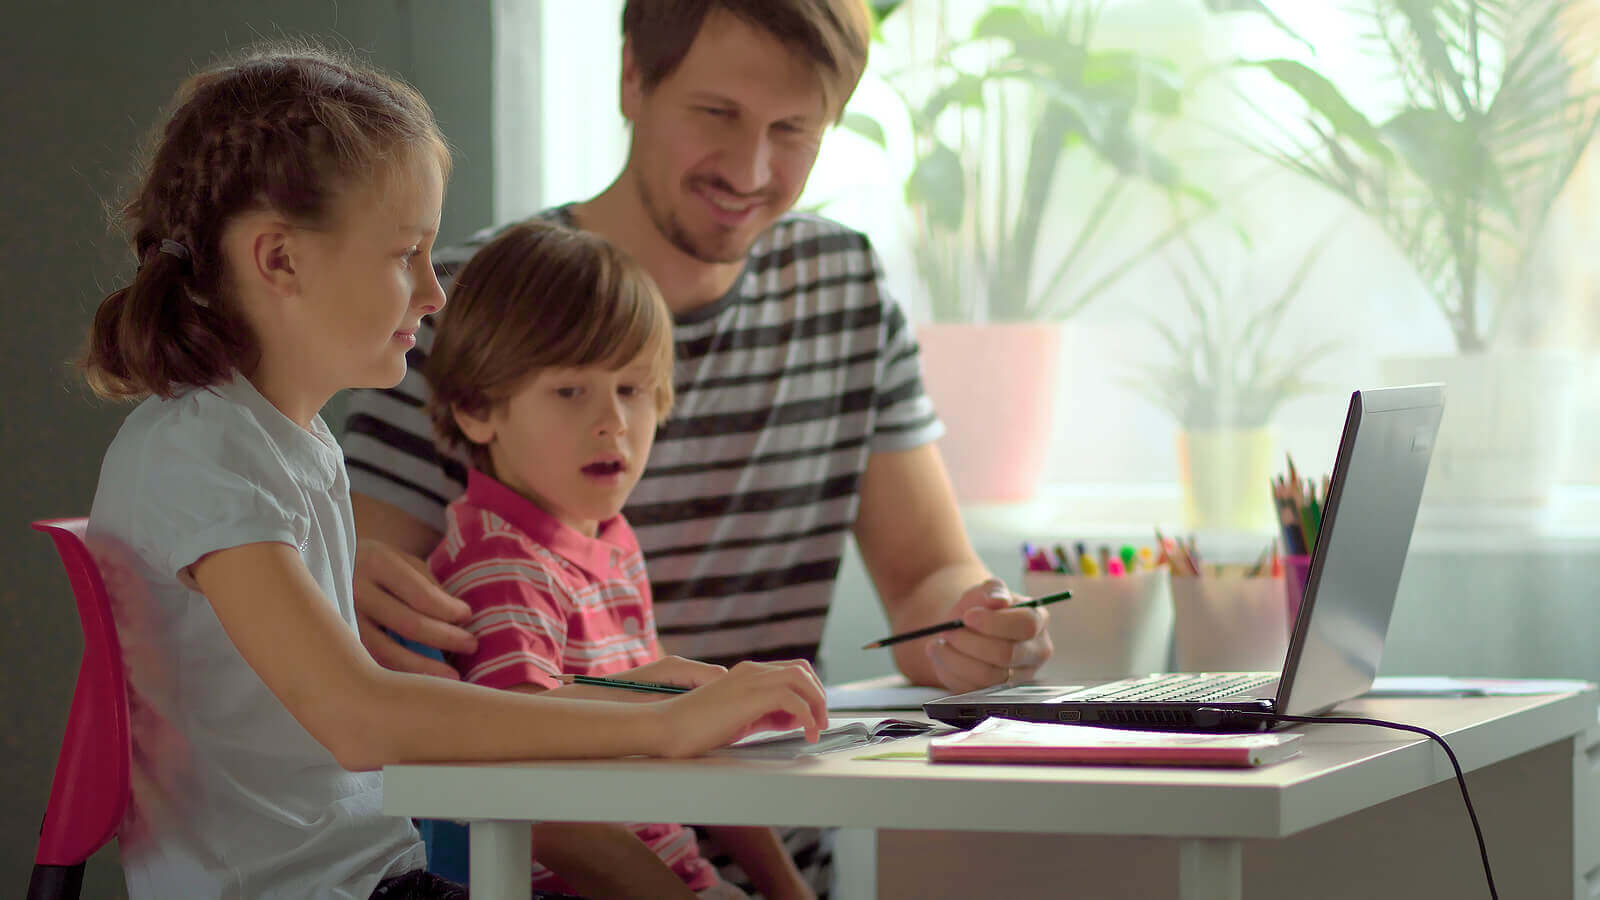 táticas para incentivar as crianças a estudar em casa